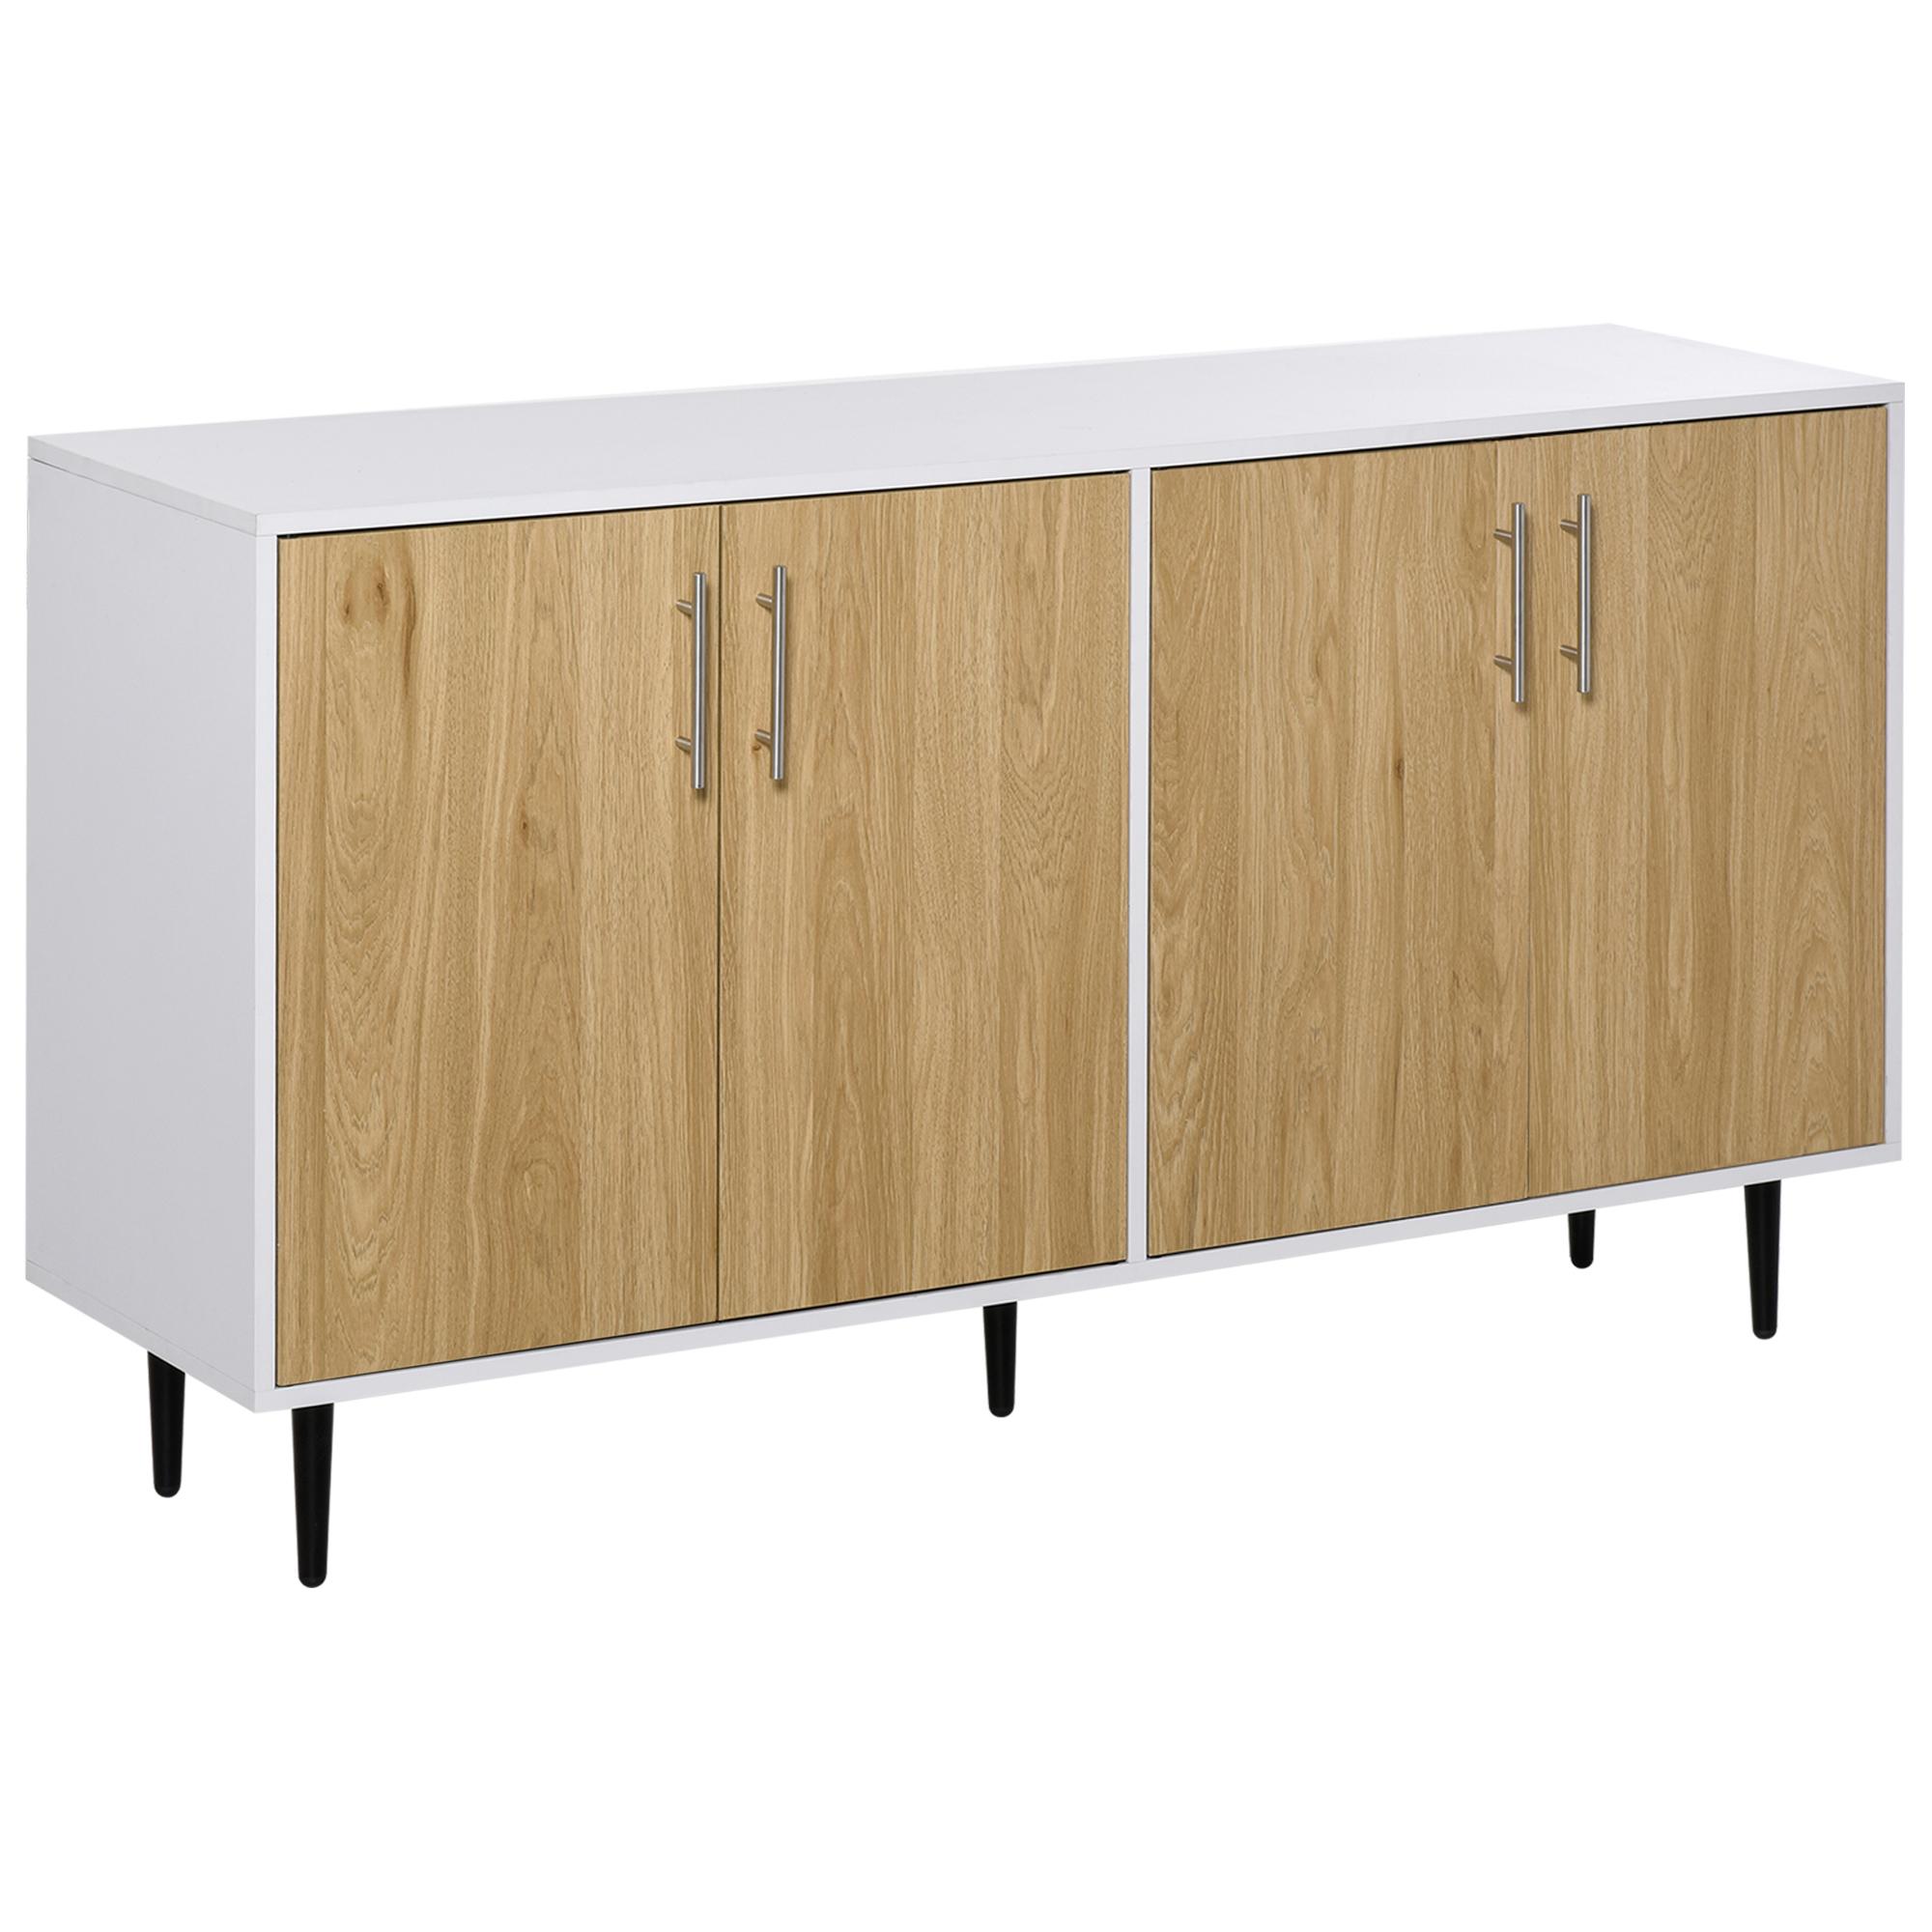 Buffet 2 placards 2 portes avec étagères réglables blanc chêne clair